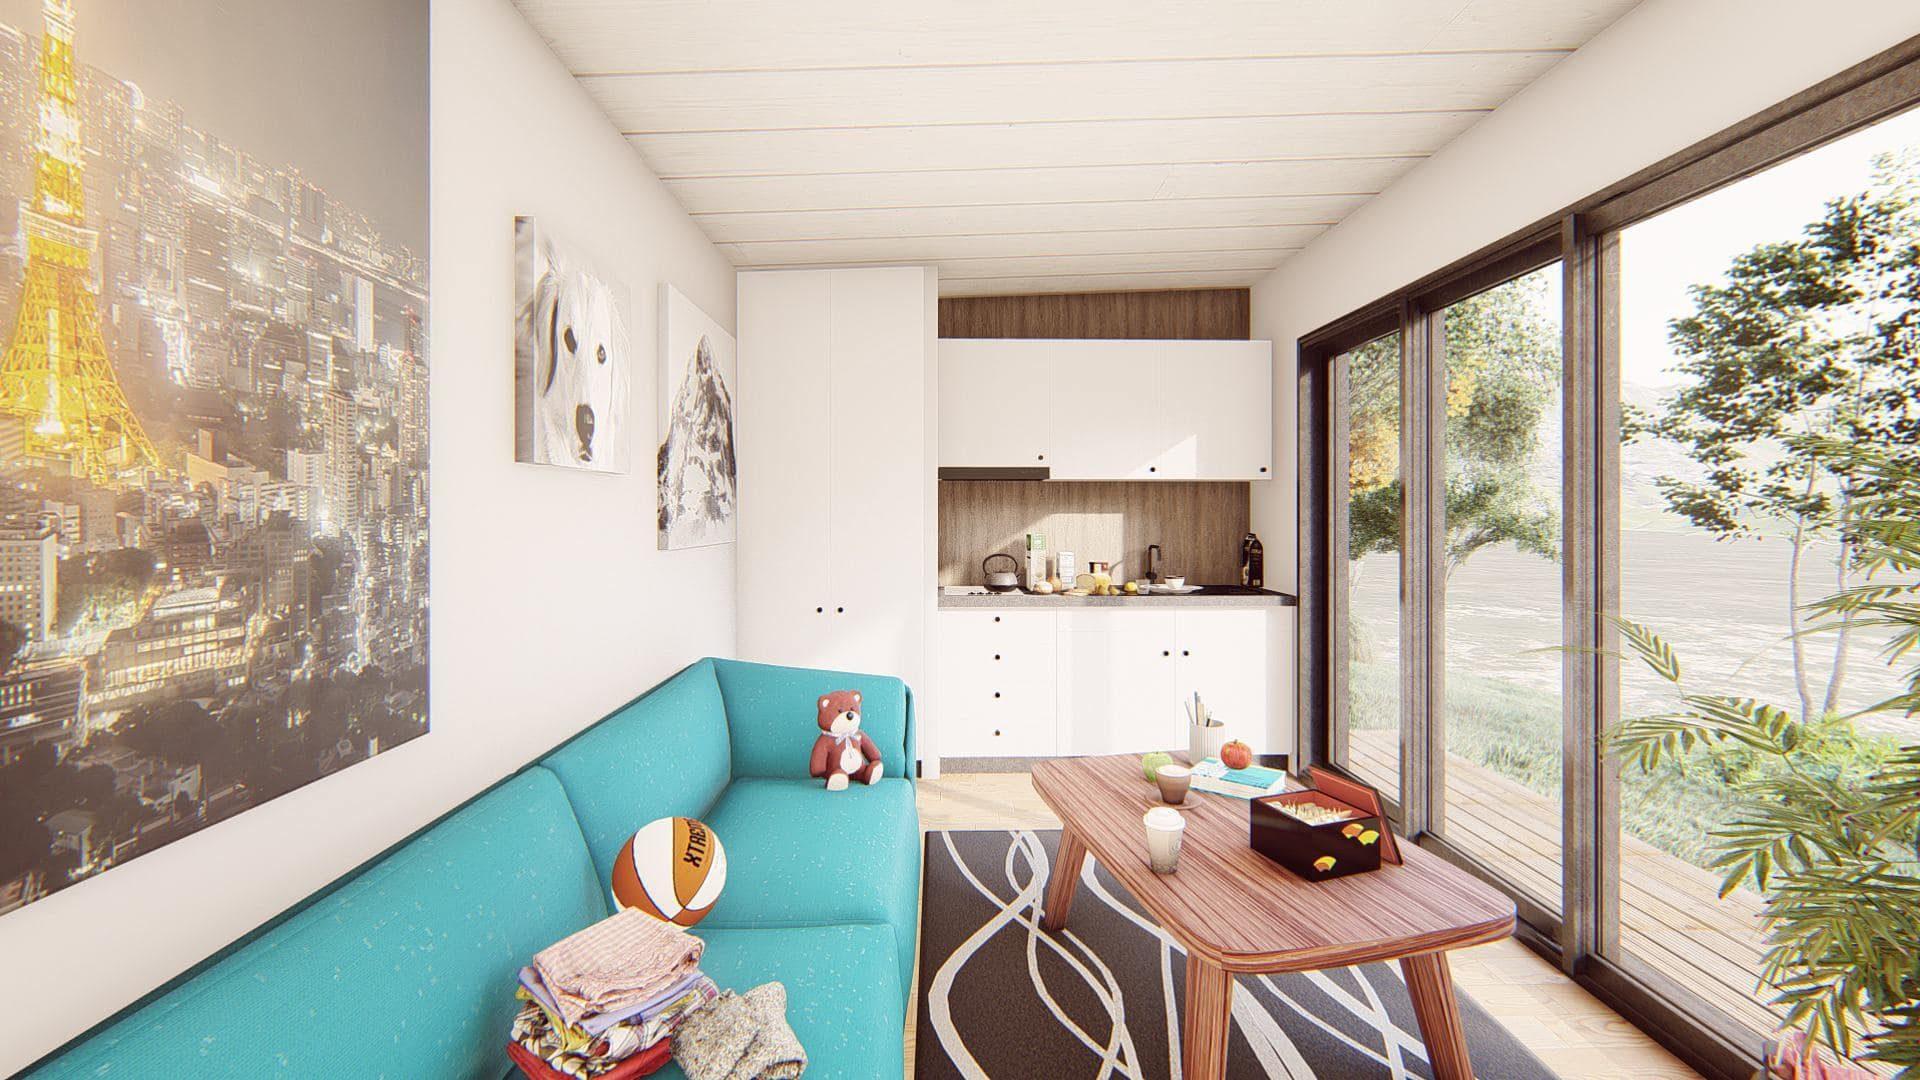 studio de jardin 20 m2 vue interieure 3